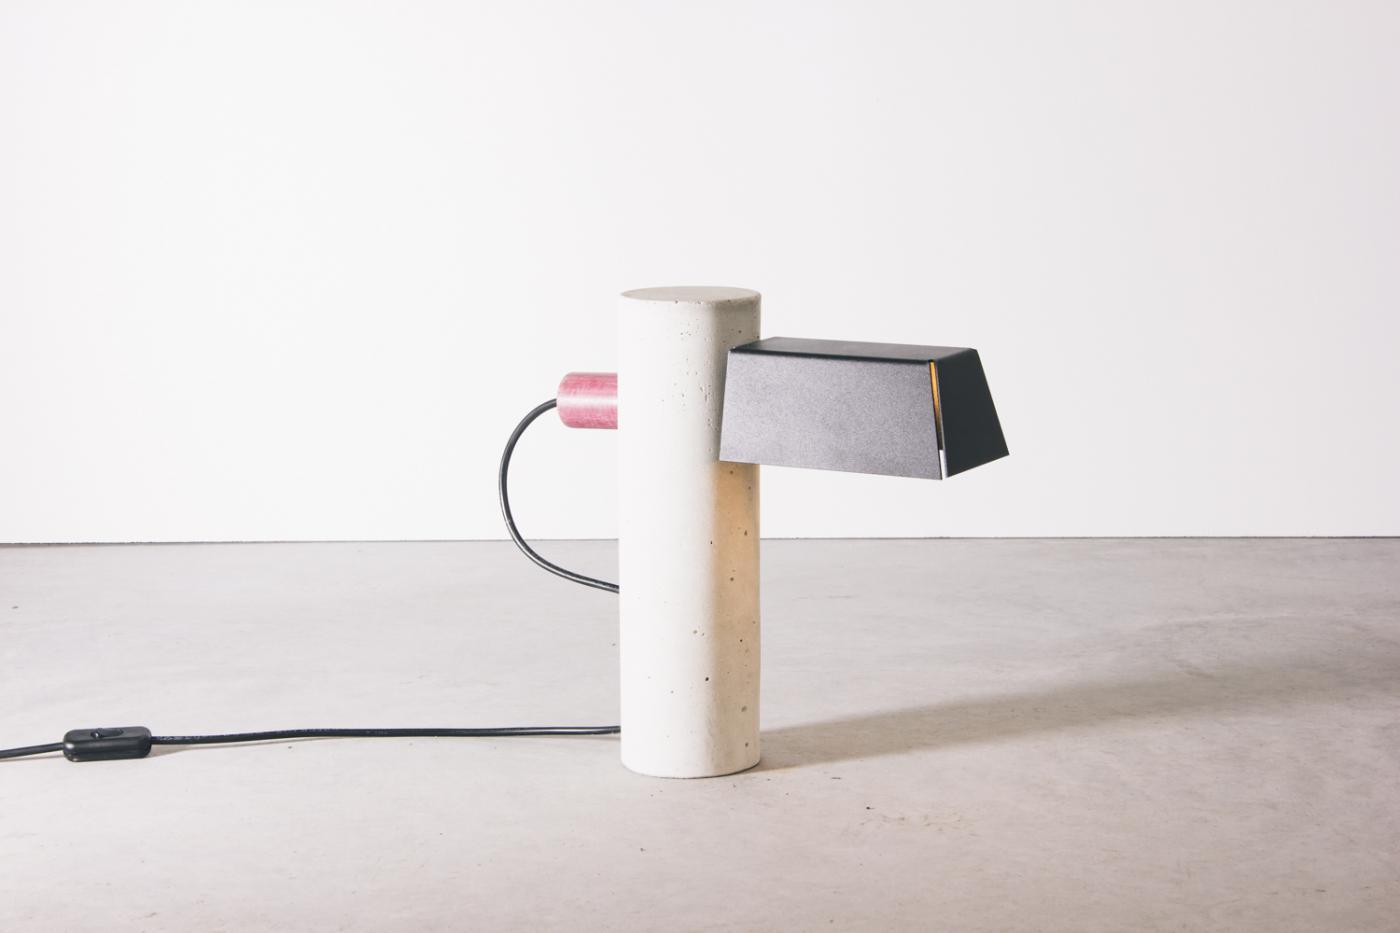 4854-luminaria-pilar-branca-tomada-1-1400